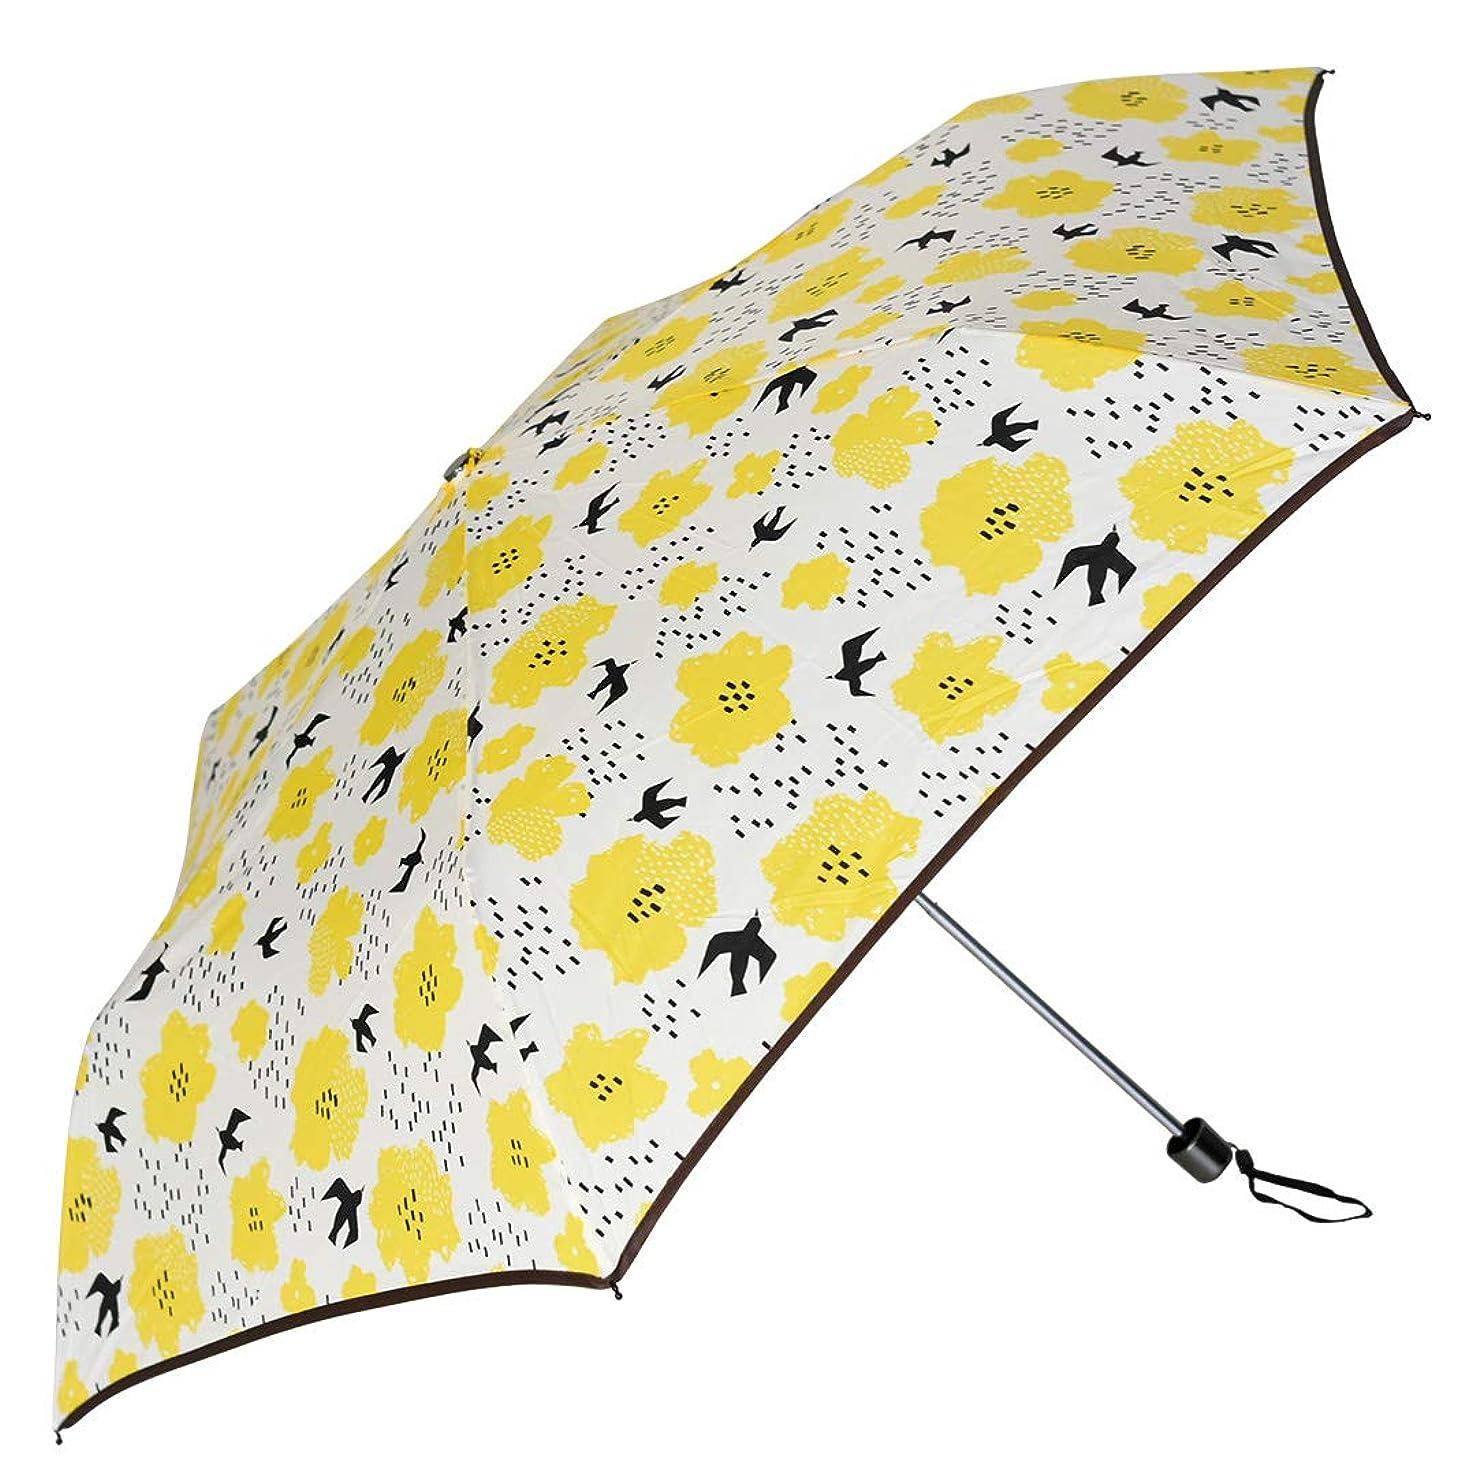 再生可能正確なビリーヤギ雨傘 折りたたみ傘 6本骨 コンパクト 軽量 スリムタイプ